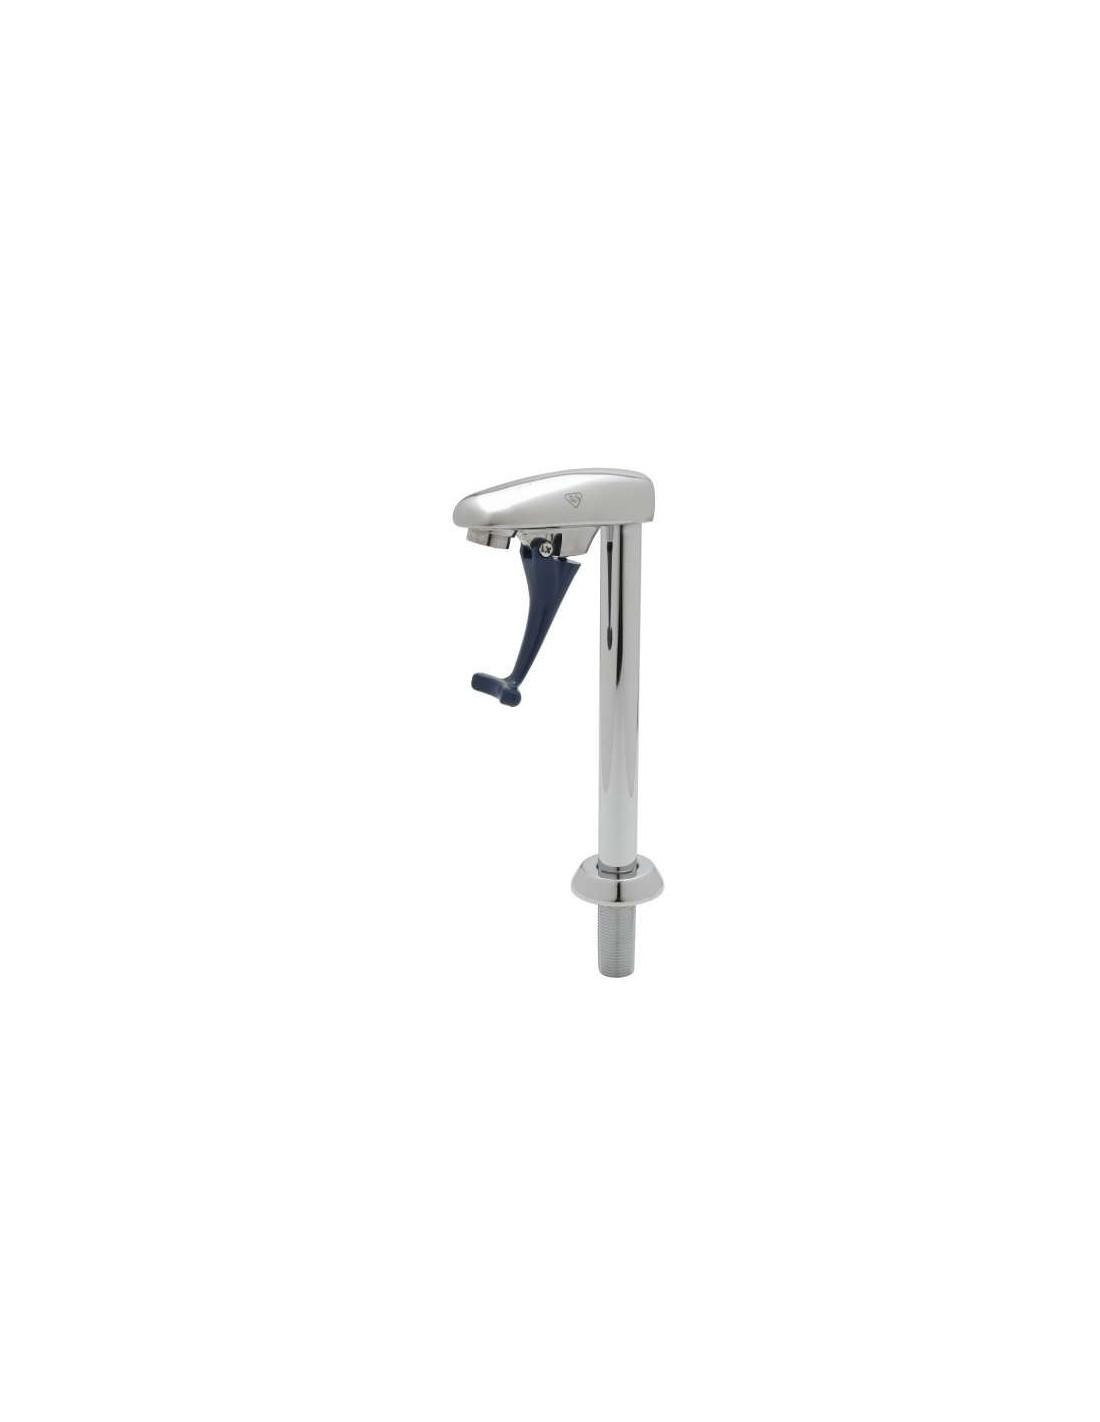 UPP00152 - Tapptorn komplett - Vattensifon / glasfyllare (25 cm serveringshöjd) för vatten med tryckarm